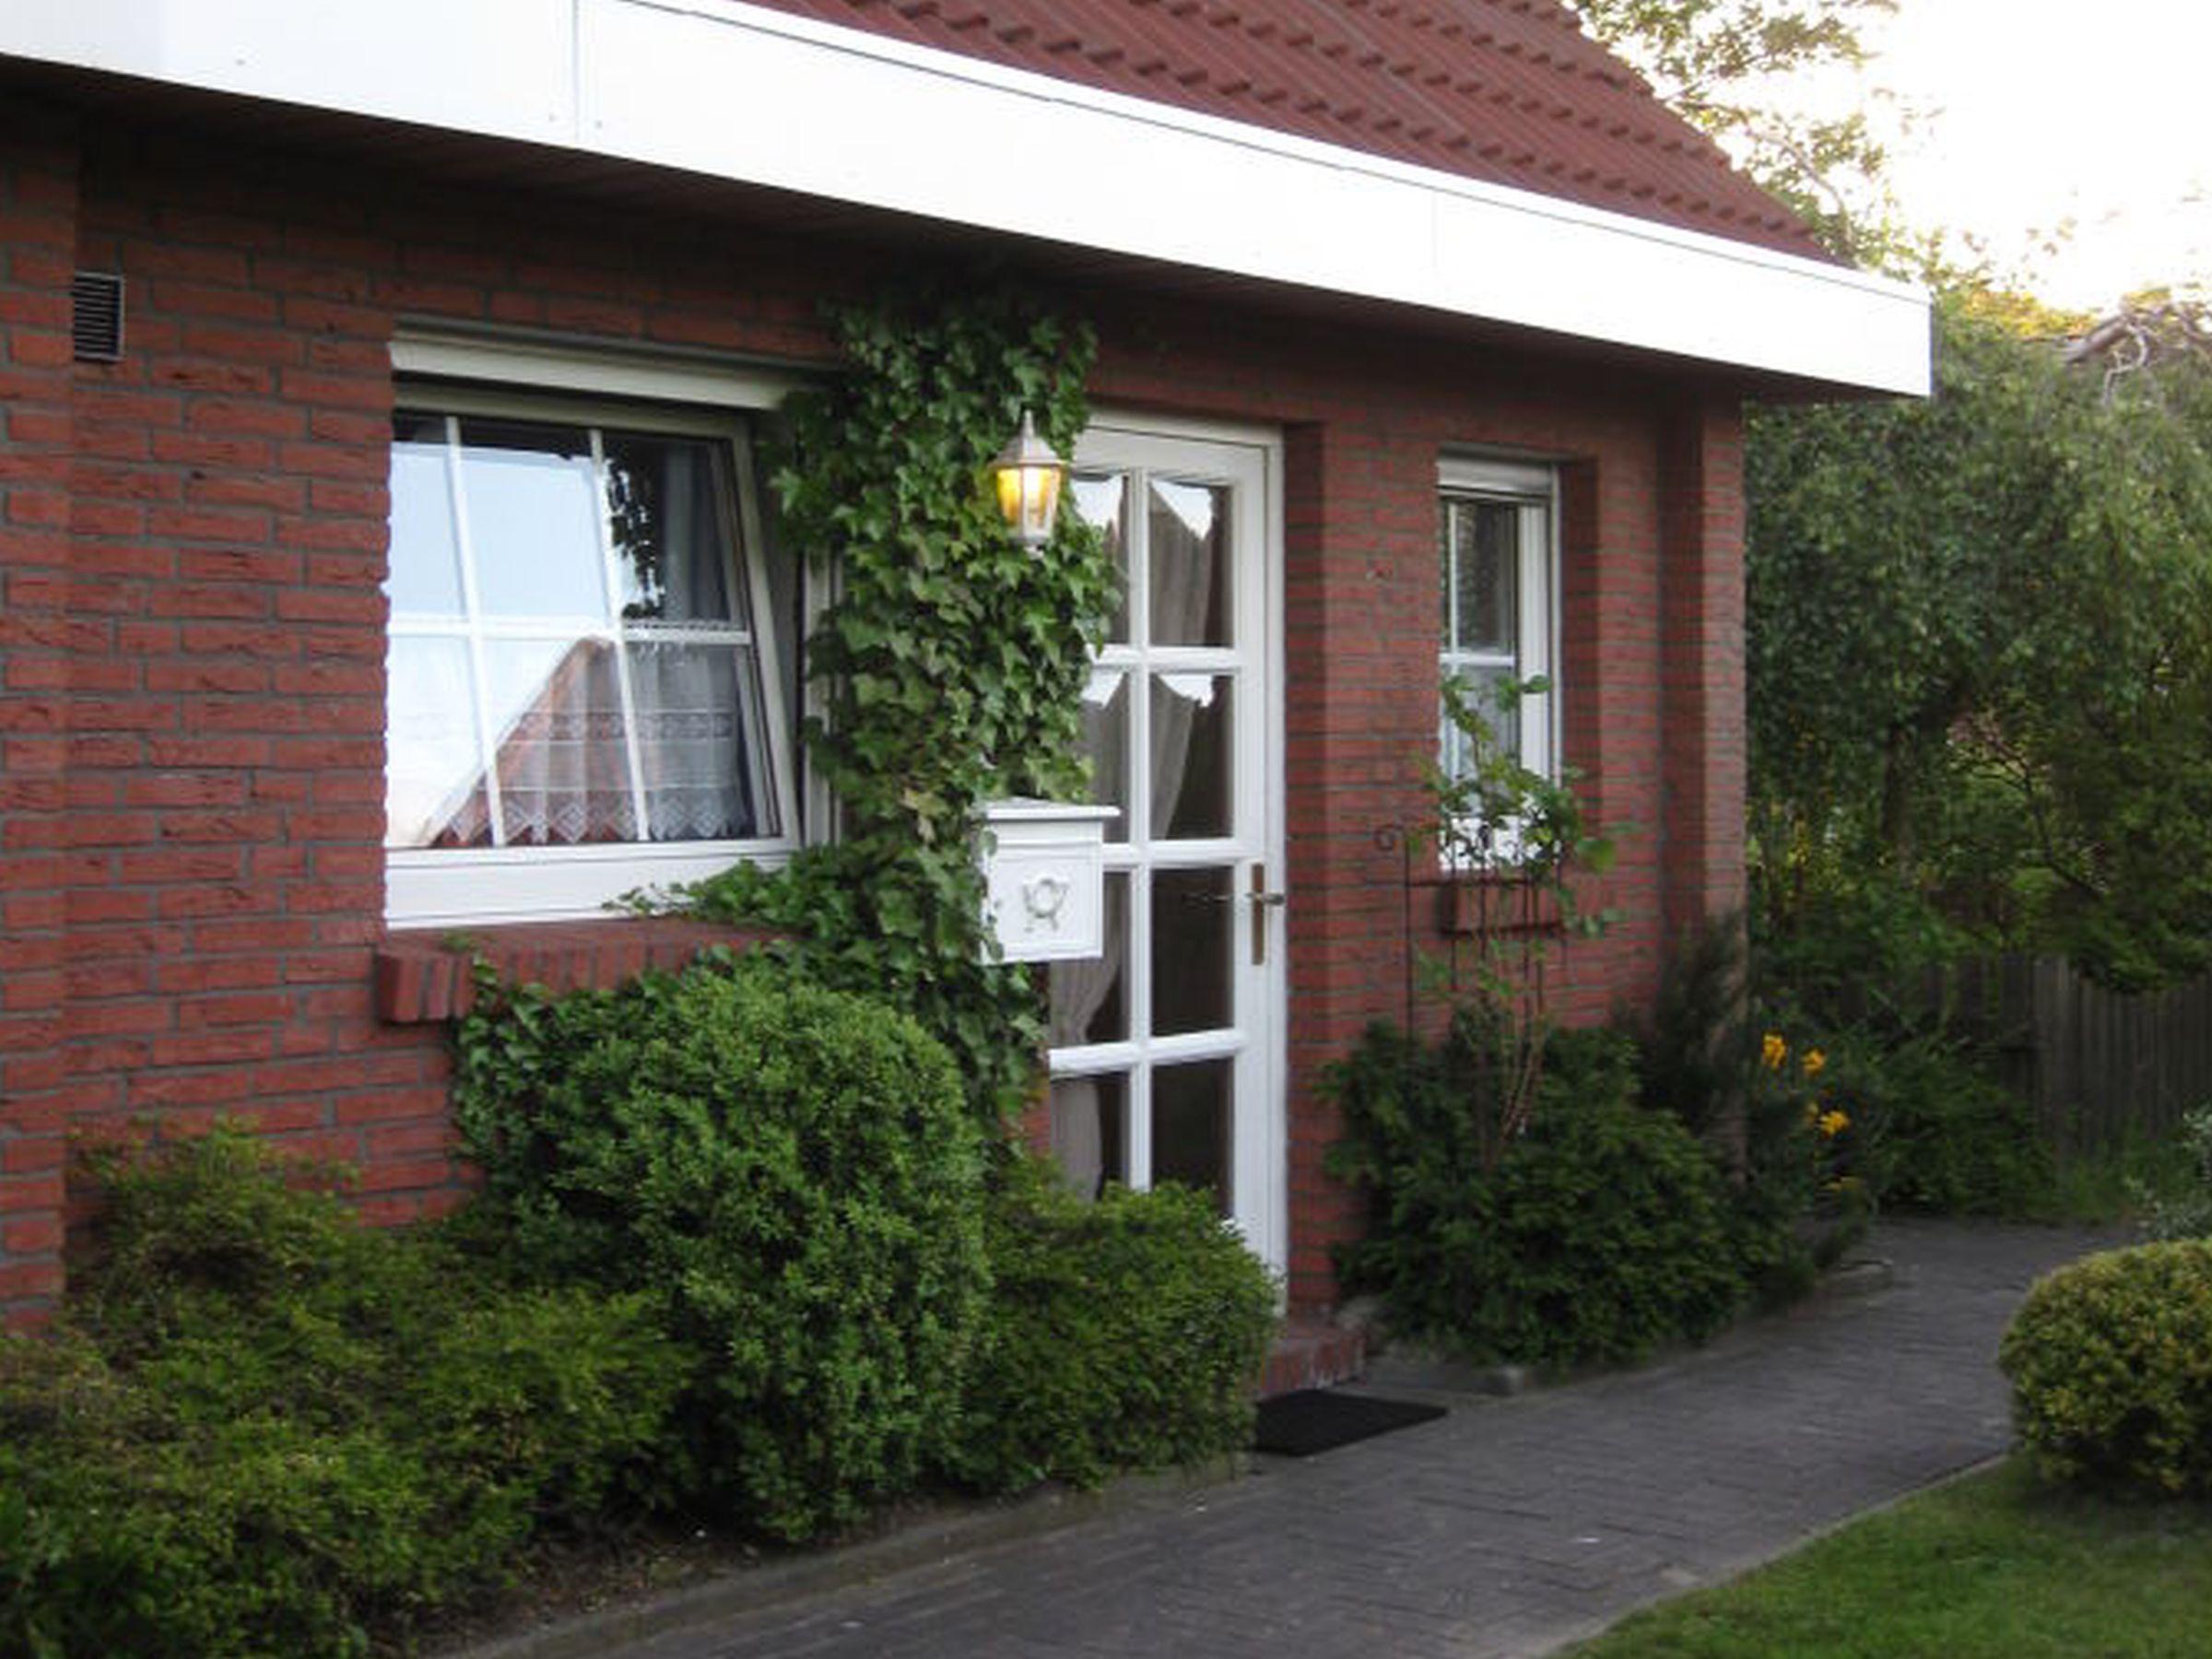 Ferienhaus Nes Pük Hooksiel Ferienhaus 80qm 3 Schlafzimmer max 5 Personen